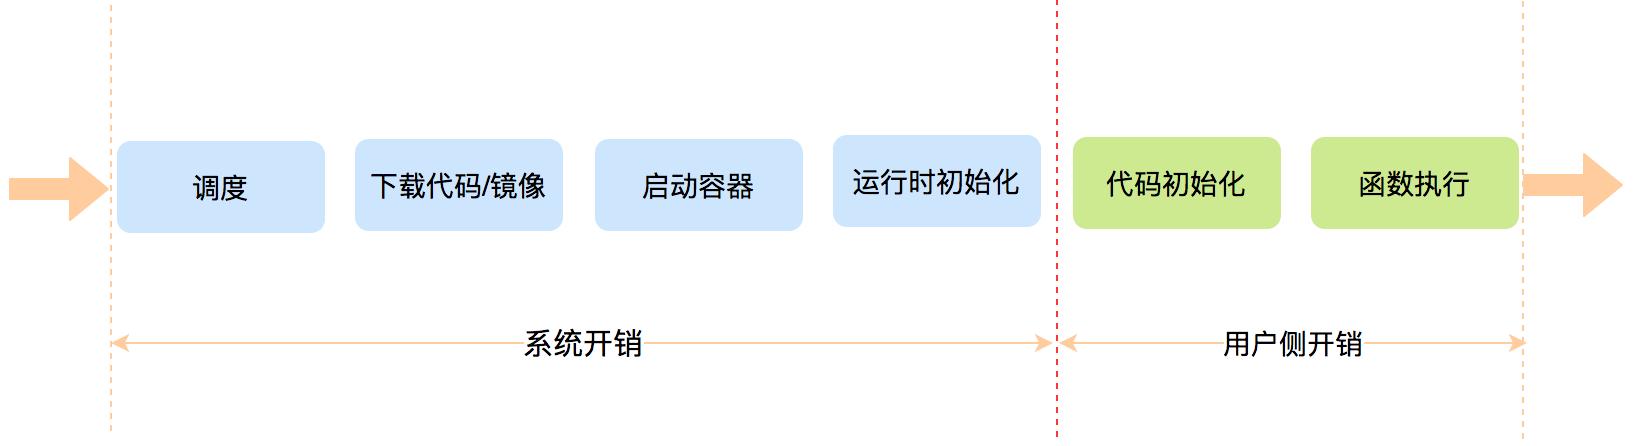 图8 冷启动的各个阶段